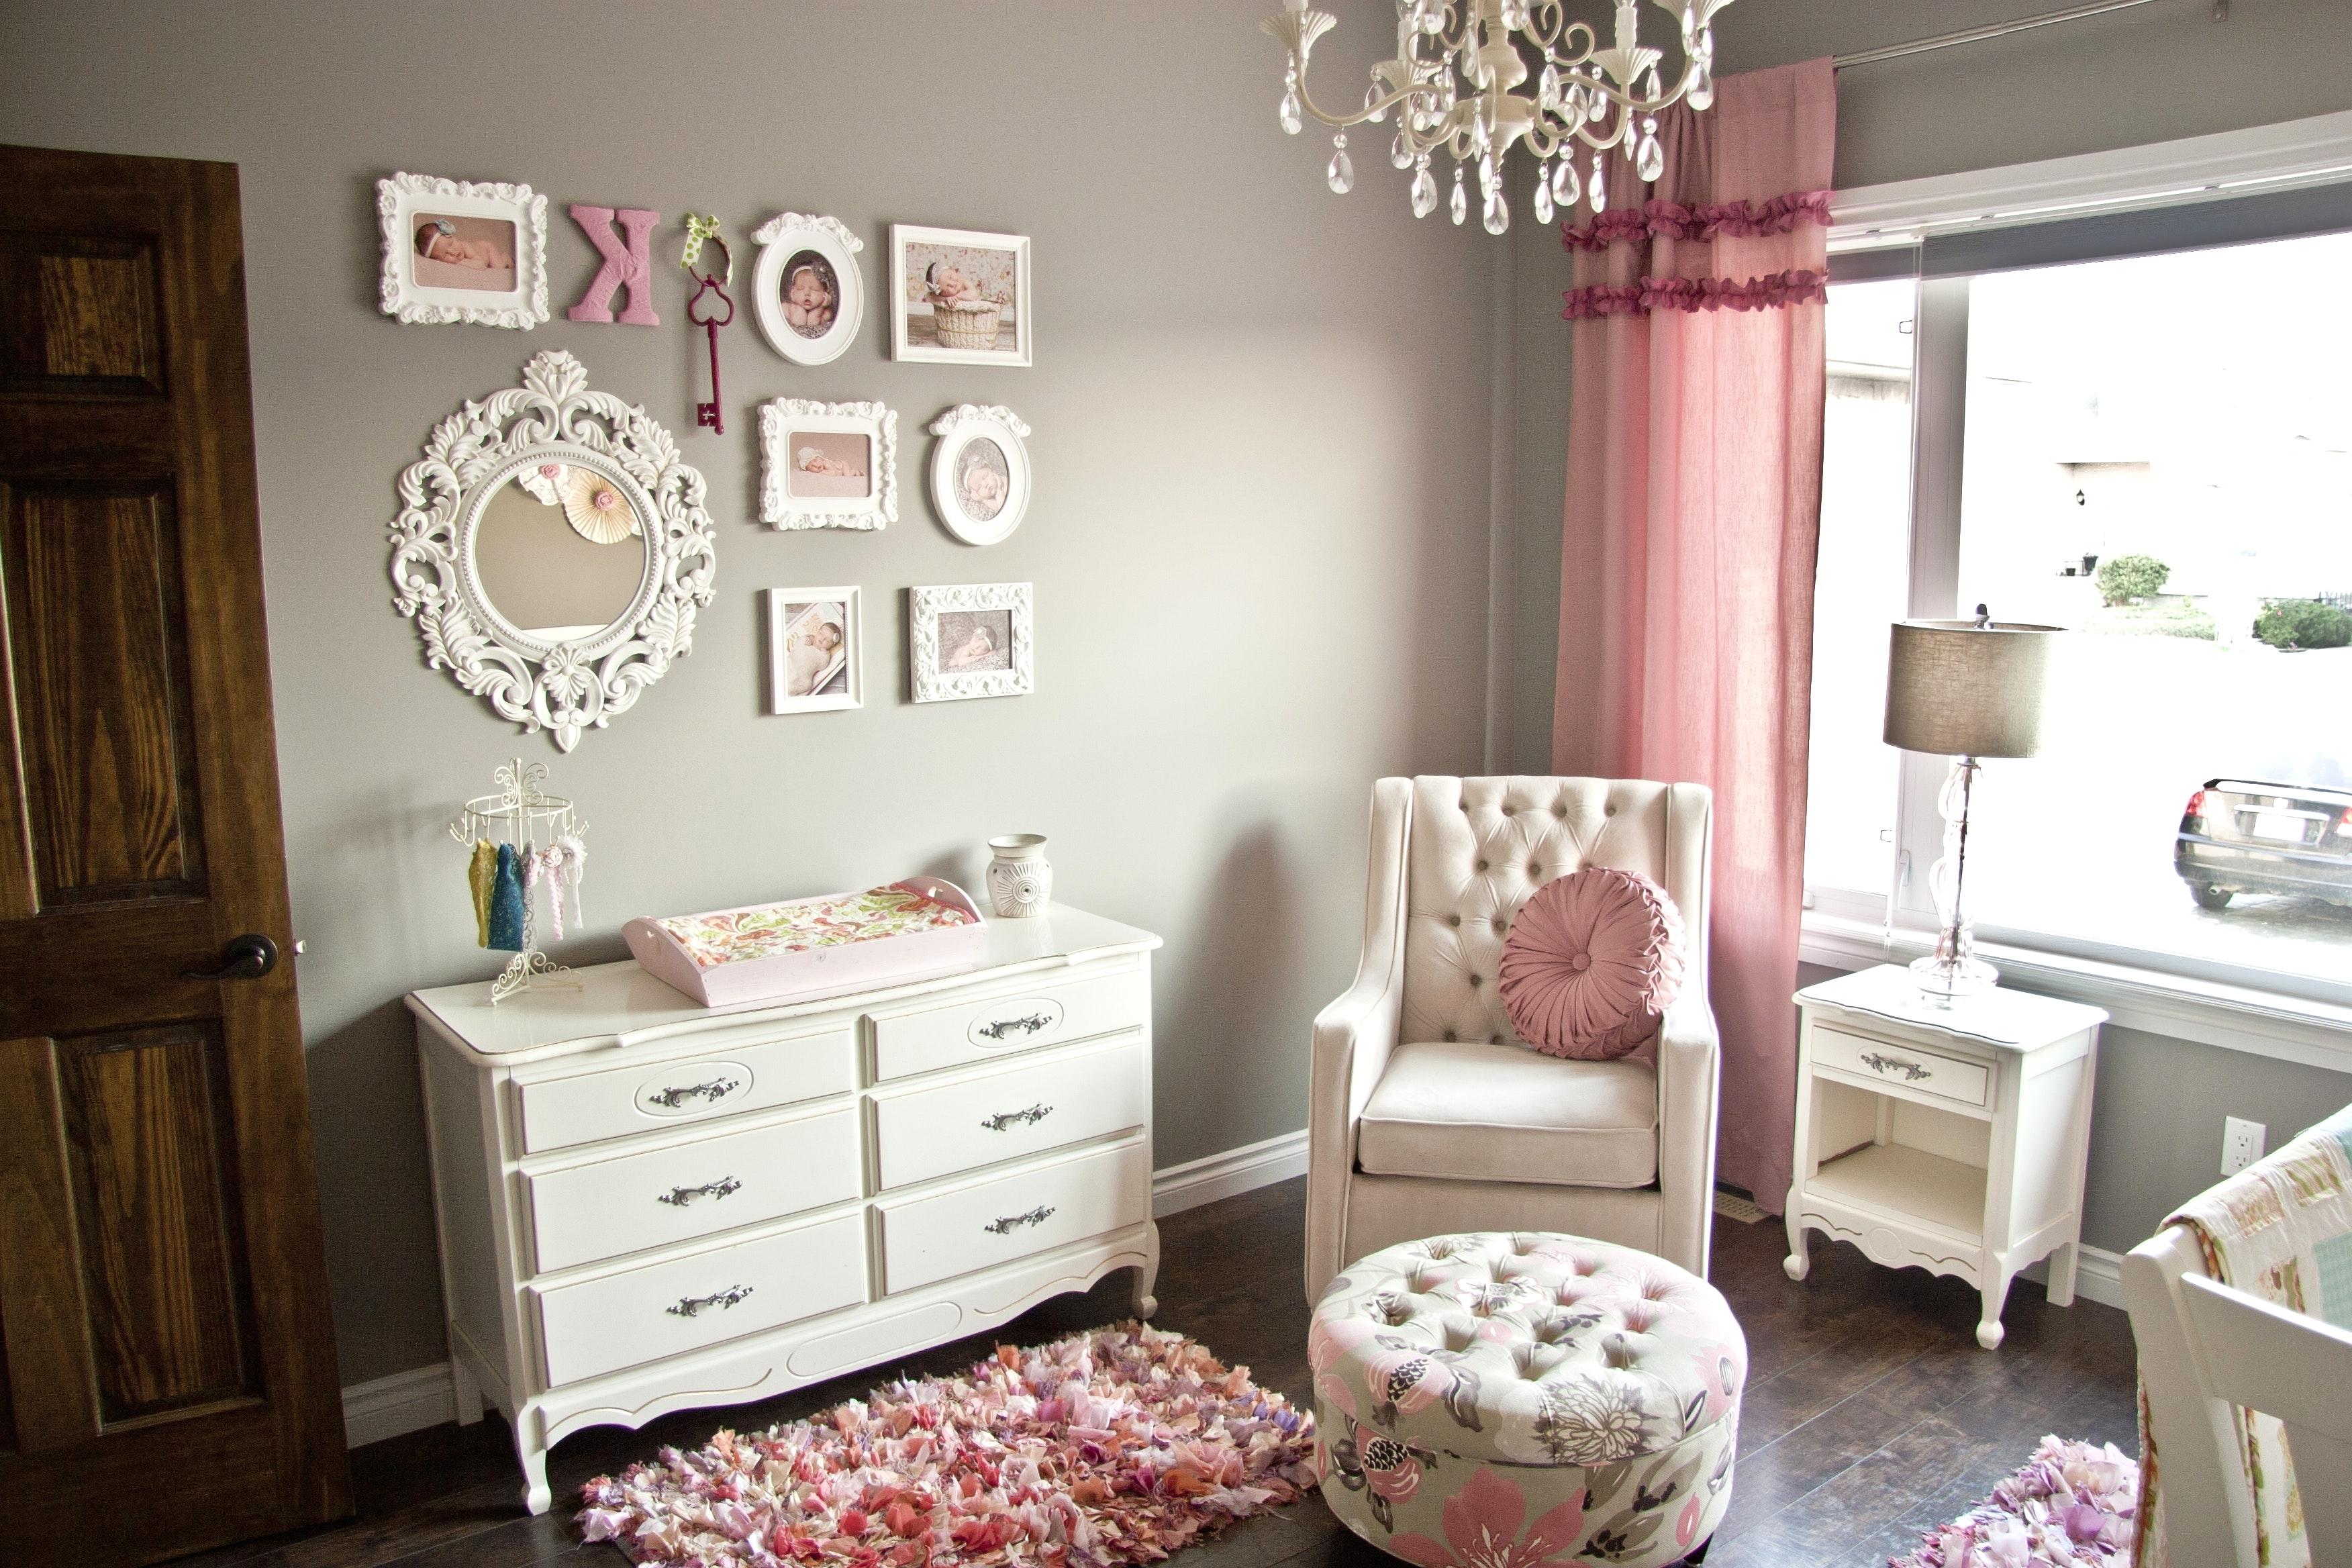 Chandeliers Design : Amazing Baby Girl Room Chandelier With Kid For Current Chandeliers For Baby Girl Room (View 5 of 20)